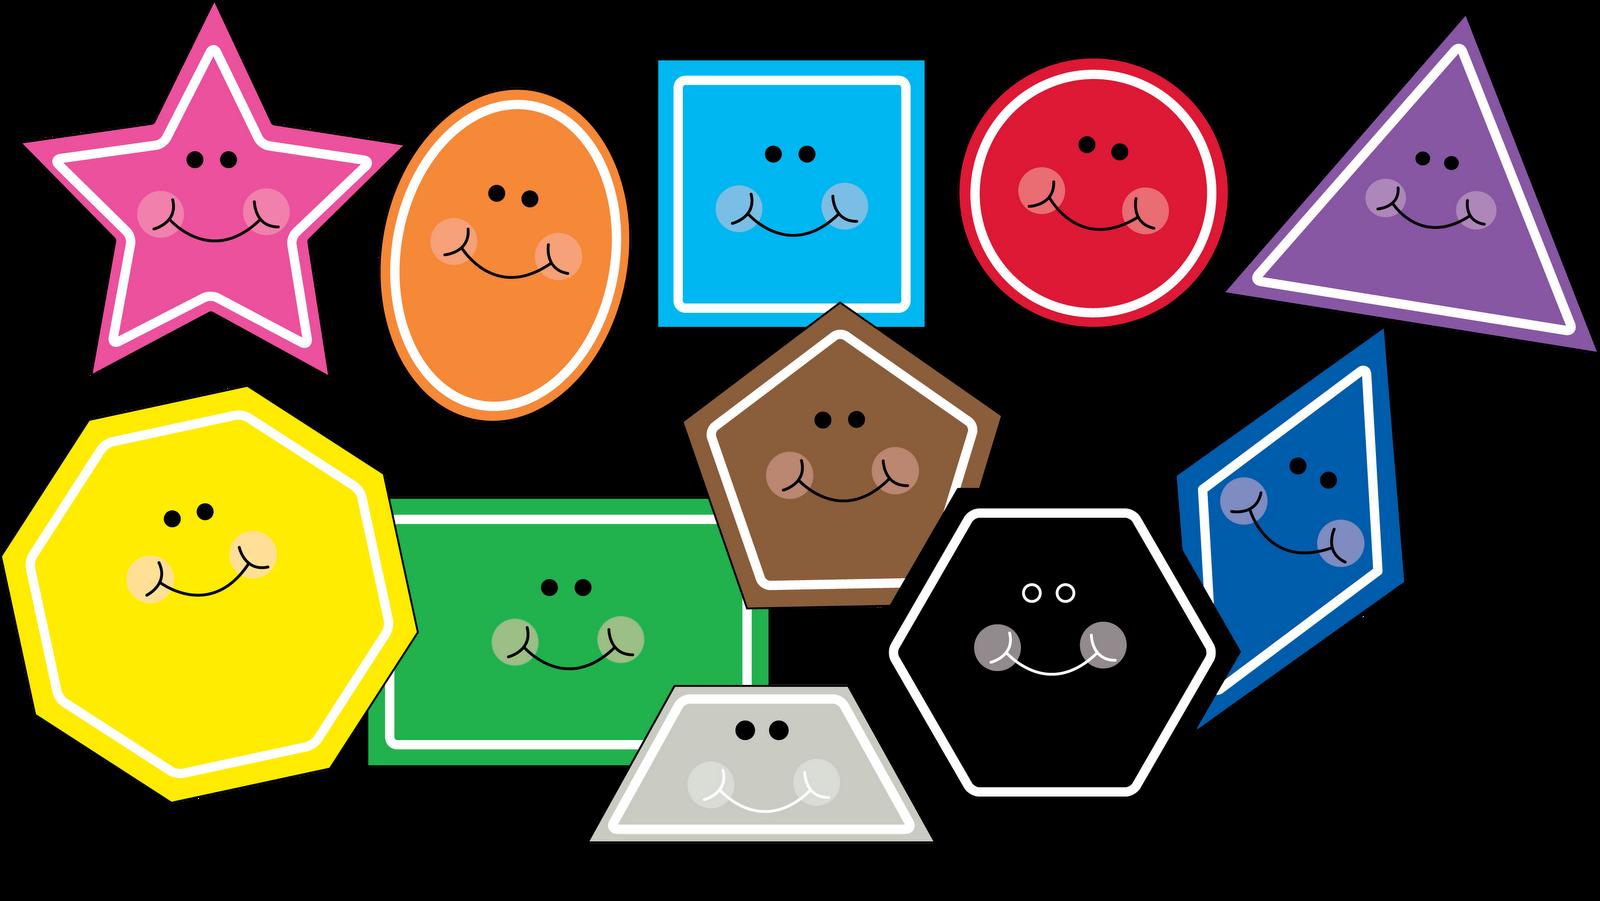 ... Classroom Rules Clipart | Clipart Panda - Free Clipart Images: www.clipartpanda.com/categories/preschool-classroom-rules-clipart